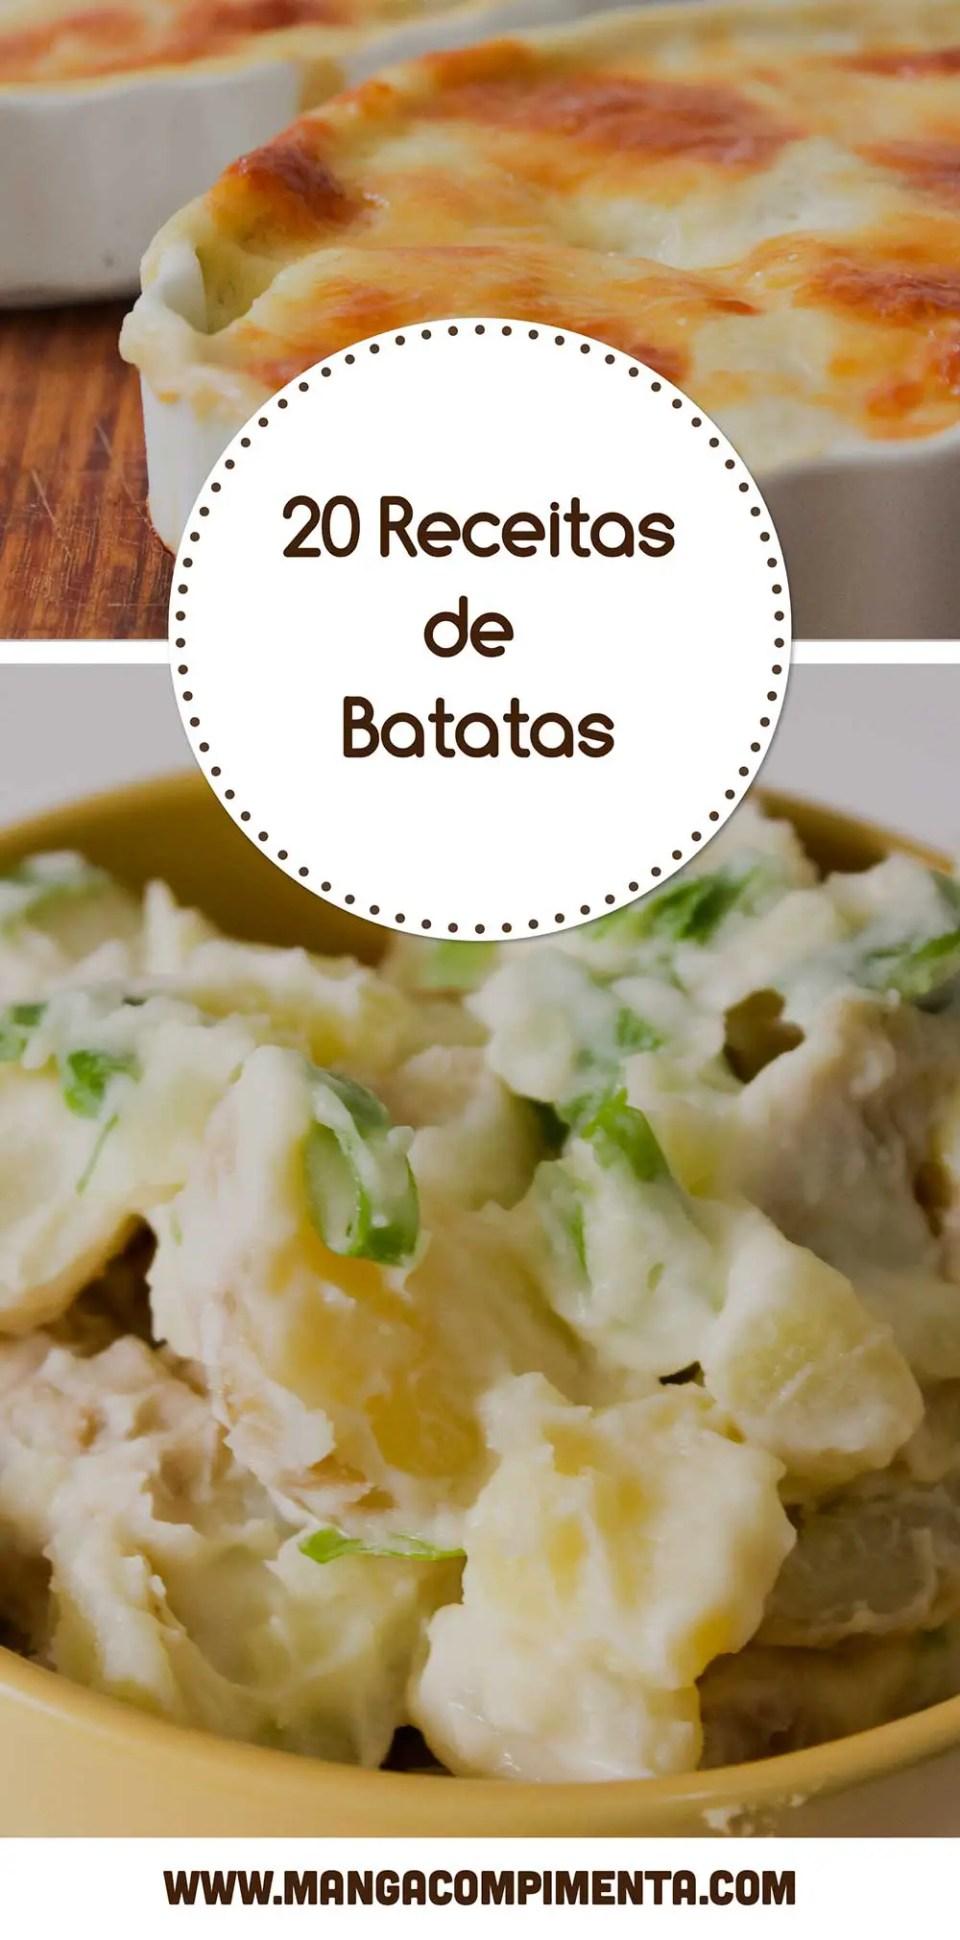 Receita de 20 Receitas de Batata para fazer em casa e servir para a família e amigos!